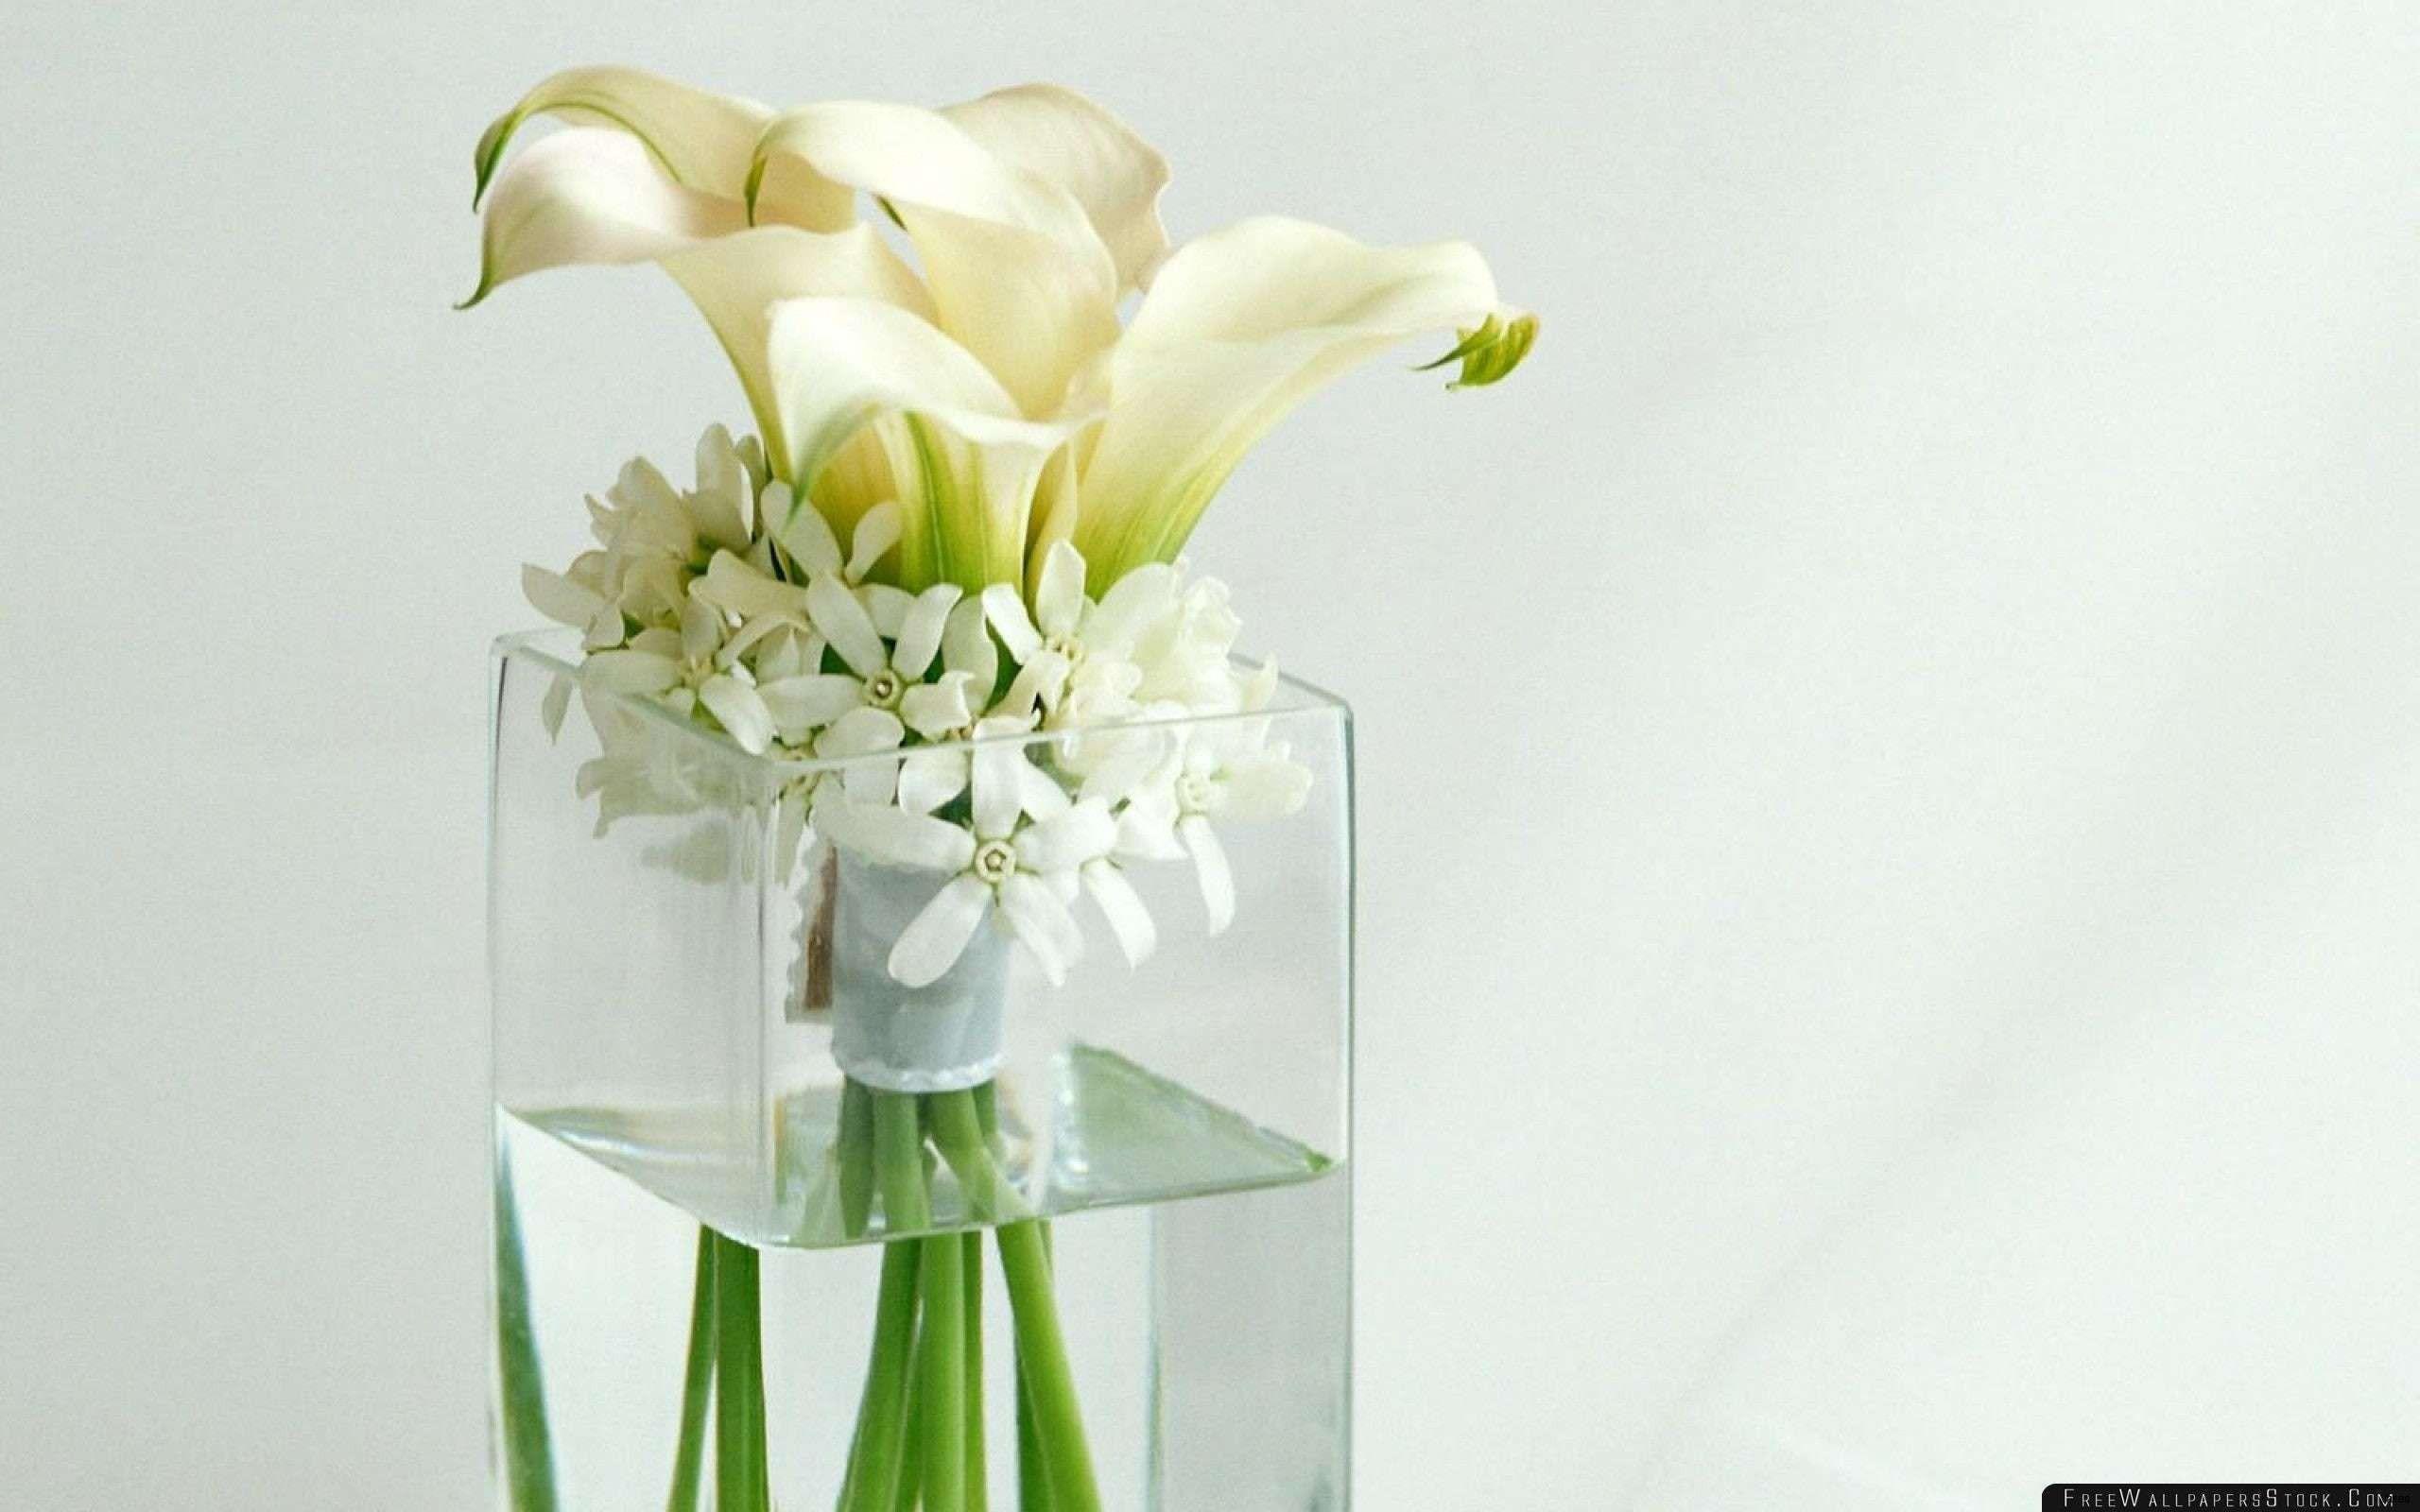 flower vase price of round flower vase inspirational 32 inspirational small round vase inside round flower vase inspirational 32 inspirational small round vase